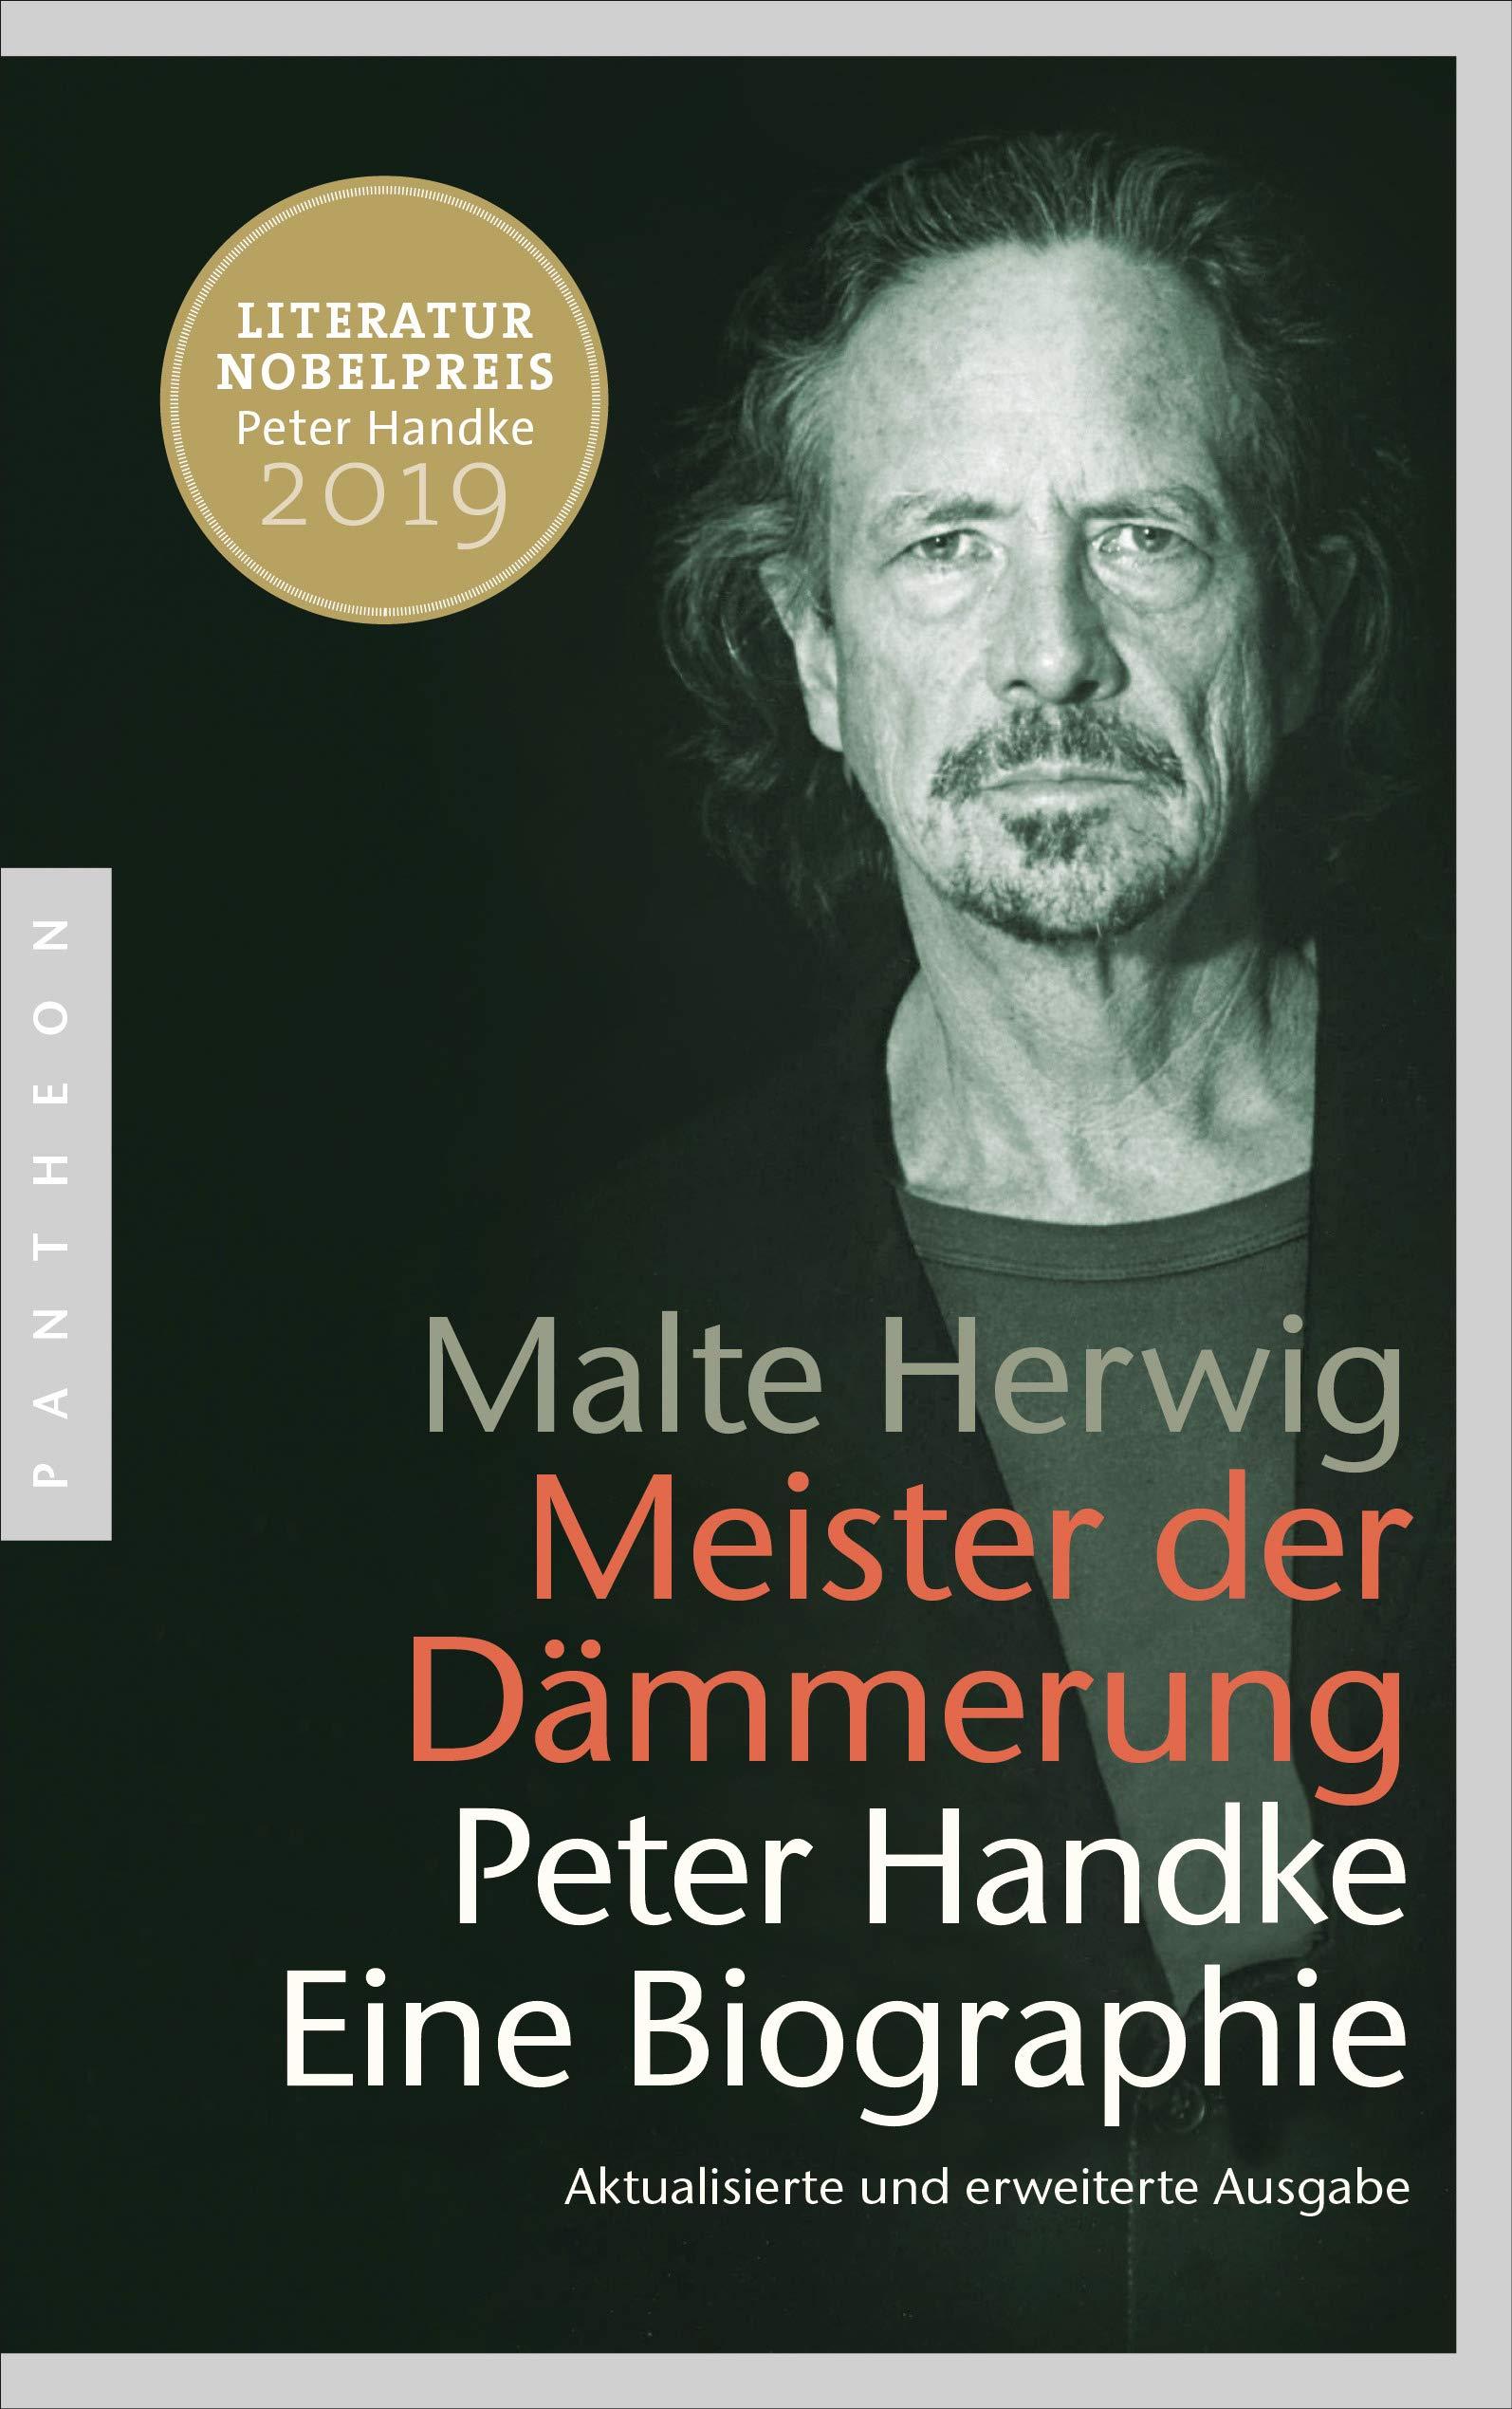 Meister der Dämmerung: Peter Handke. Eine Biographie: Amazon.es: Herwig, Malte: Libros en idiomas extranjeros